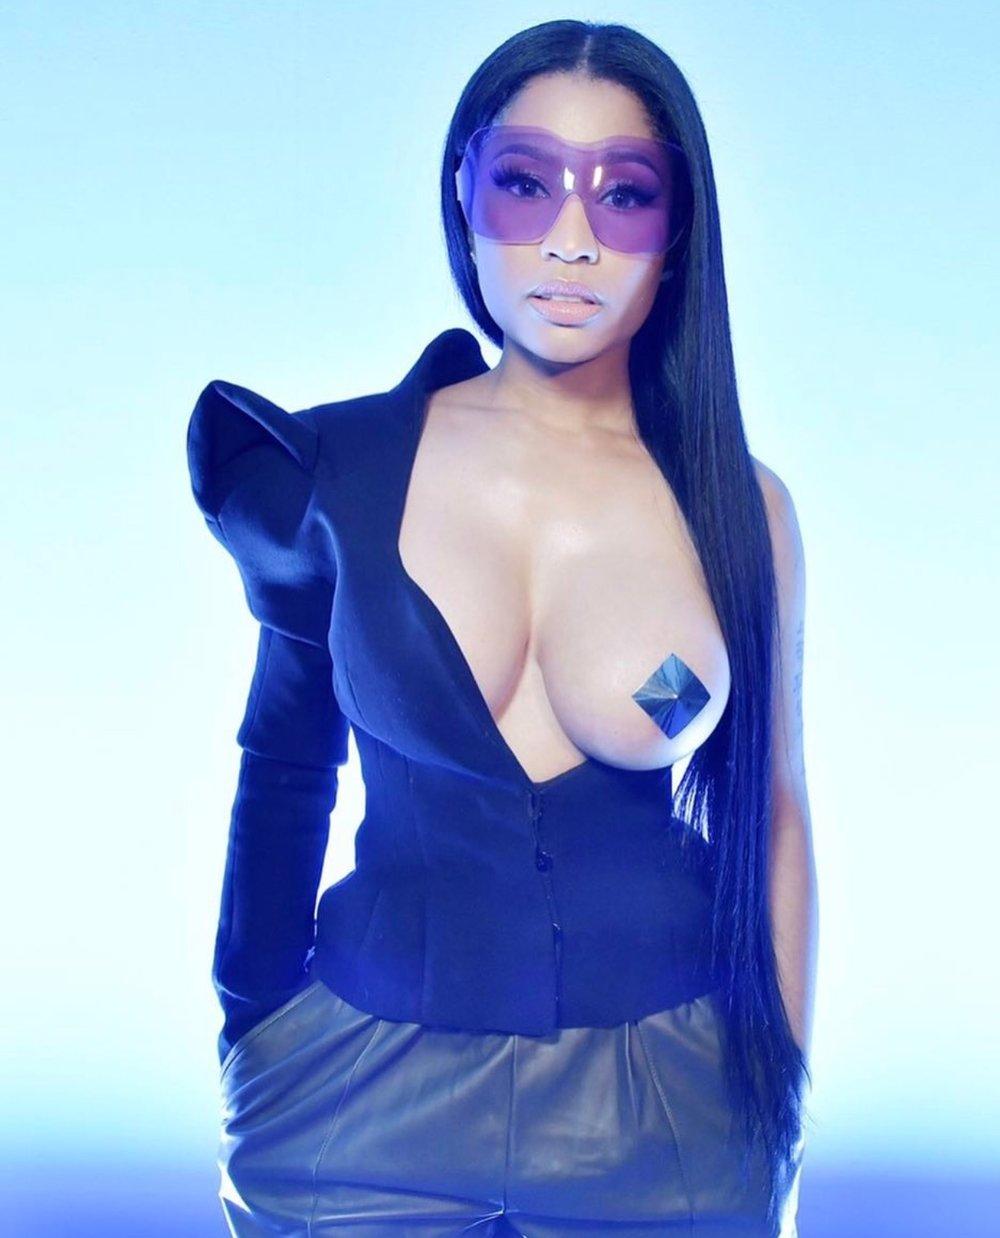 Nicki-Minaj-fashion-nicki-minaj-fashion-boobs-big-tits.jpg